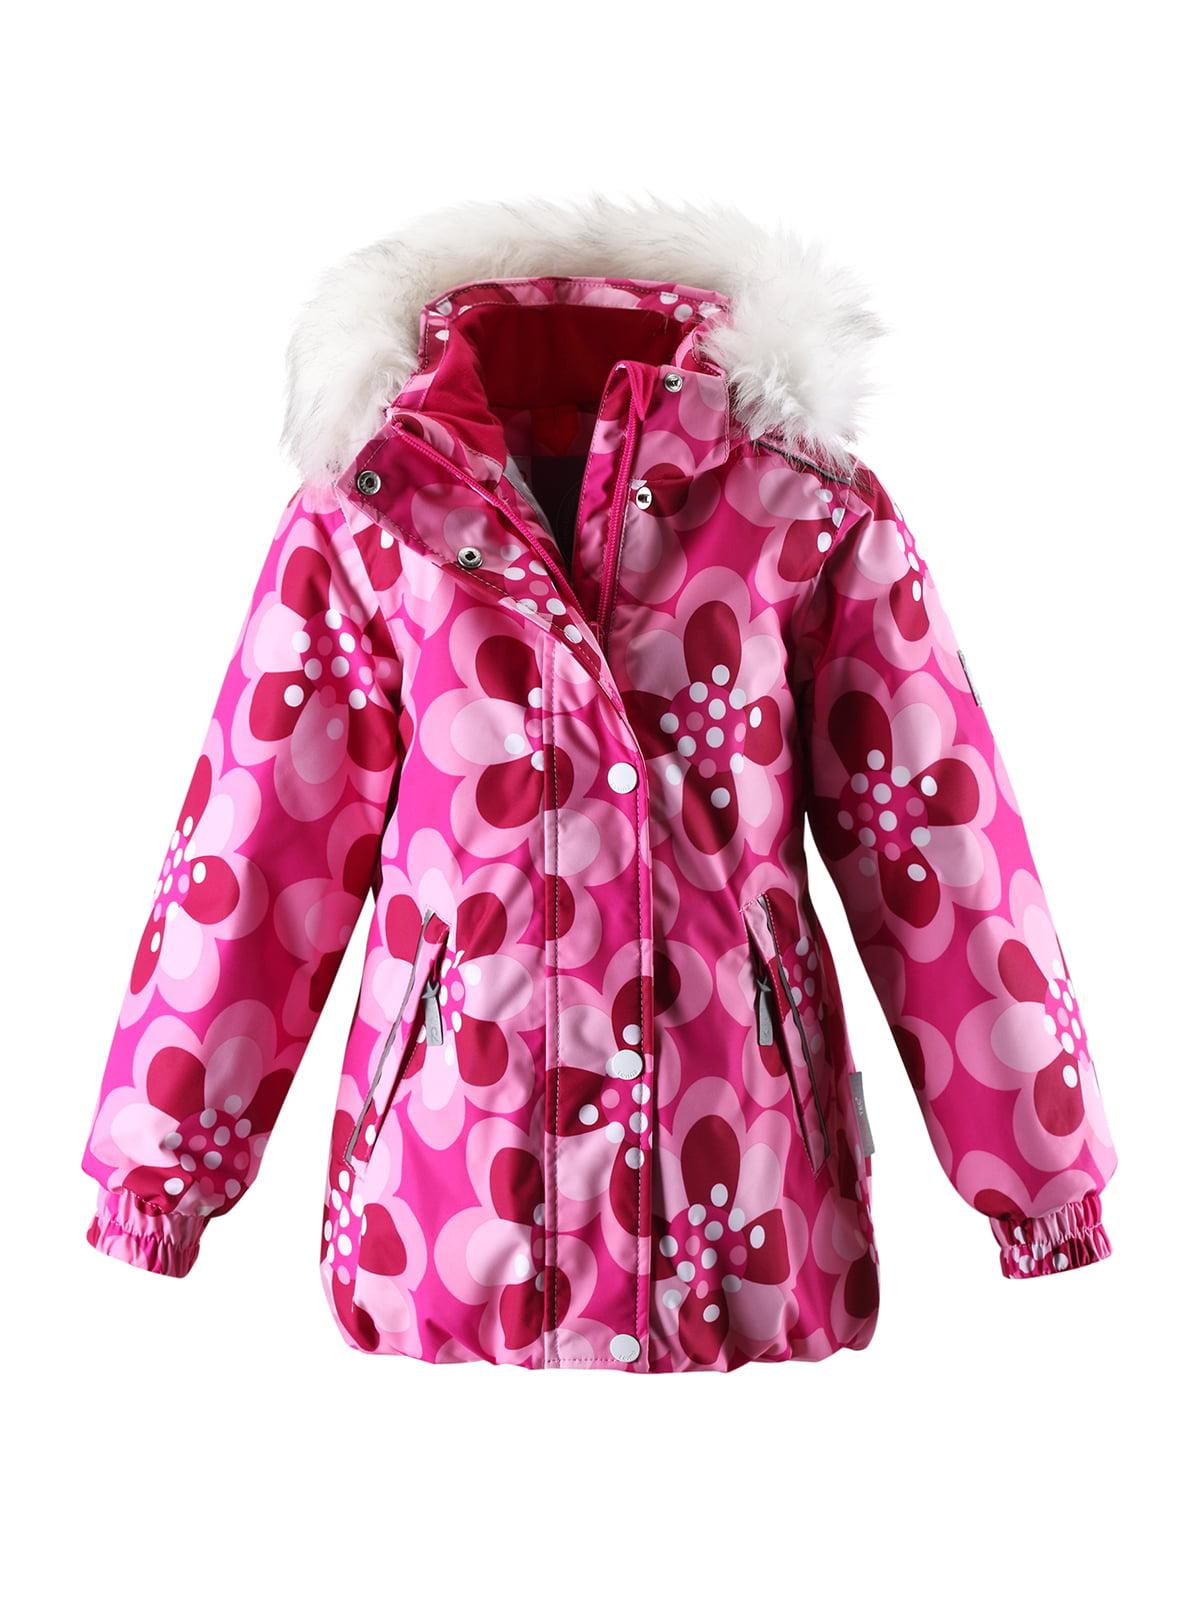 Куртка світло-рожева в принт з капюшоном | 1378054 | фото 2